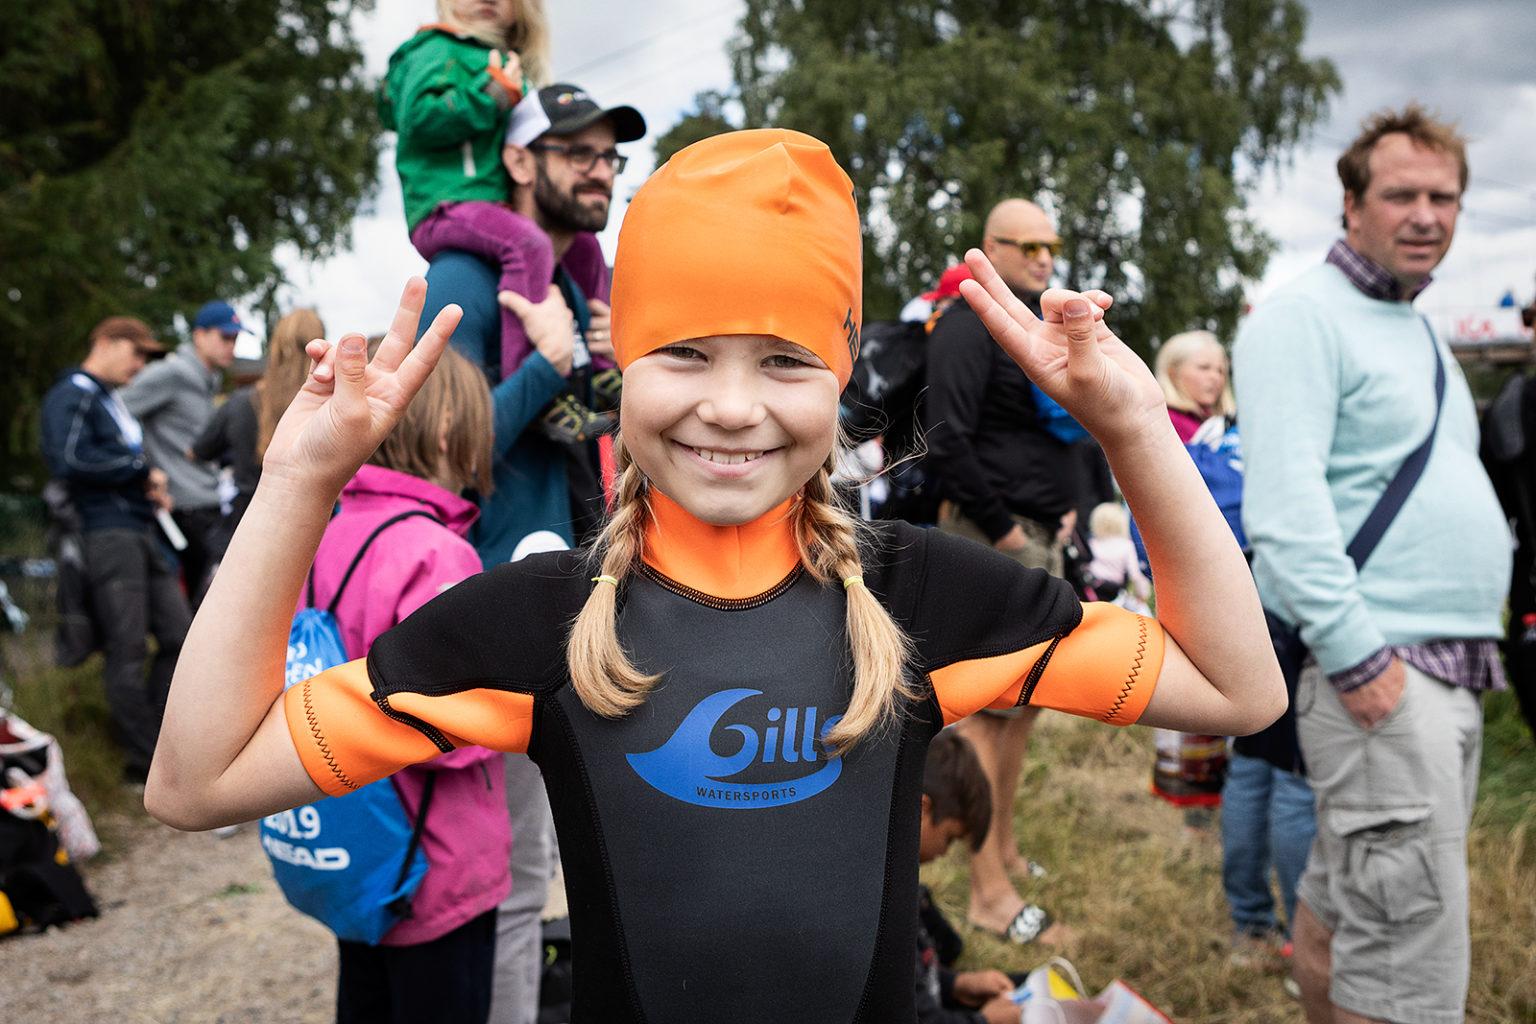 En glad tjej i våtdräkt och orange badmössa.